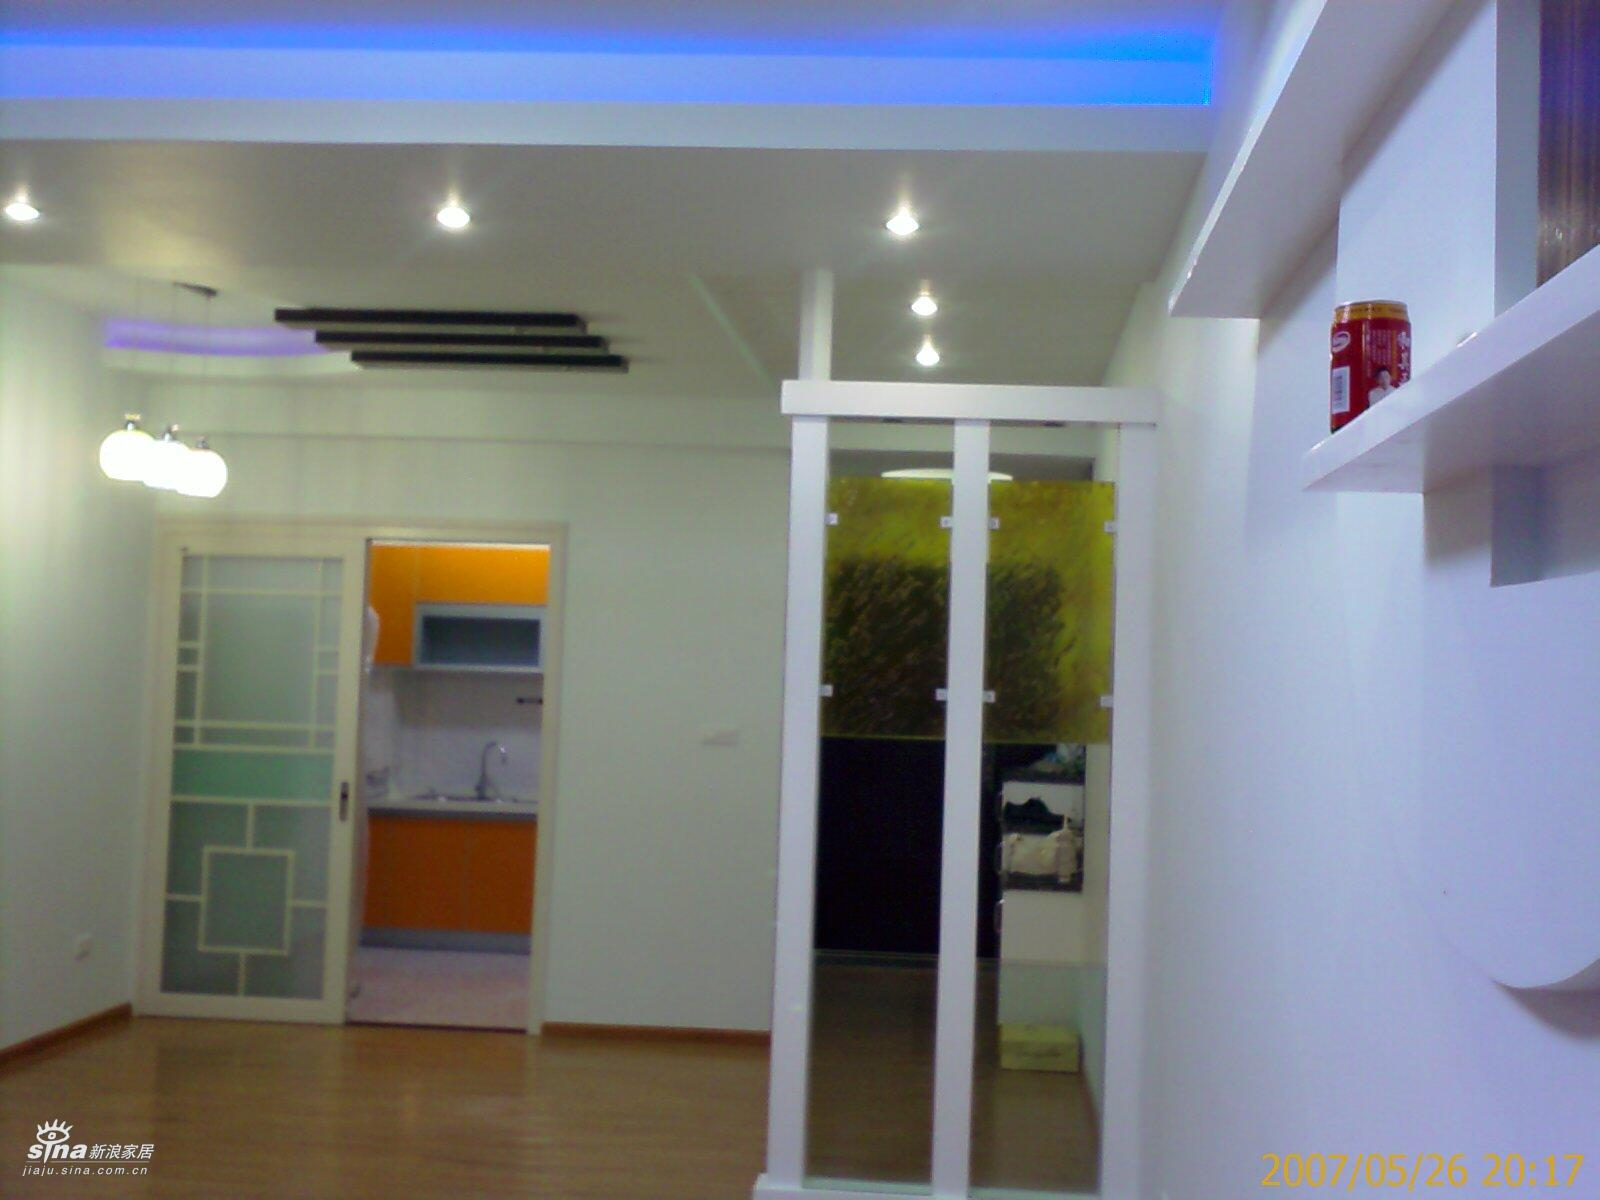 家居生活客厅装修效果图高清素材1(20p)[中国资源网